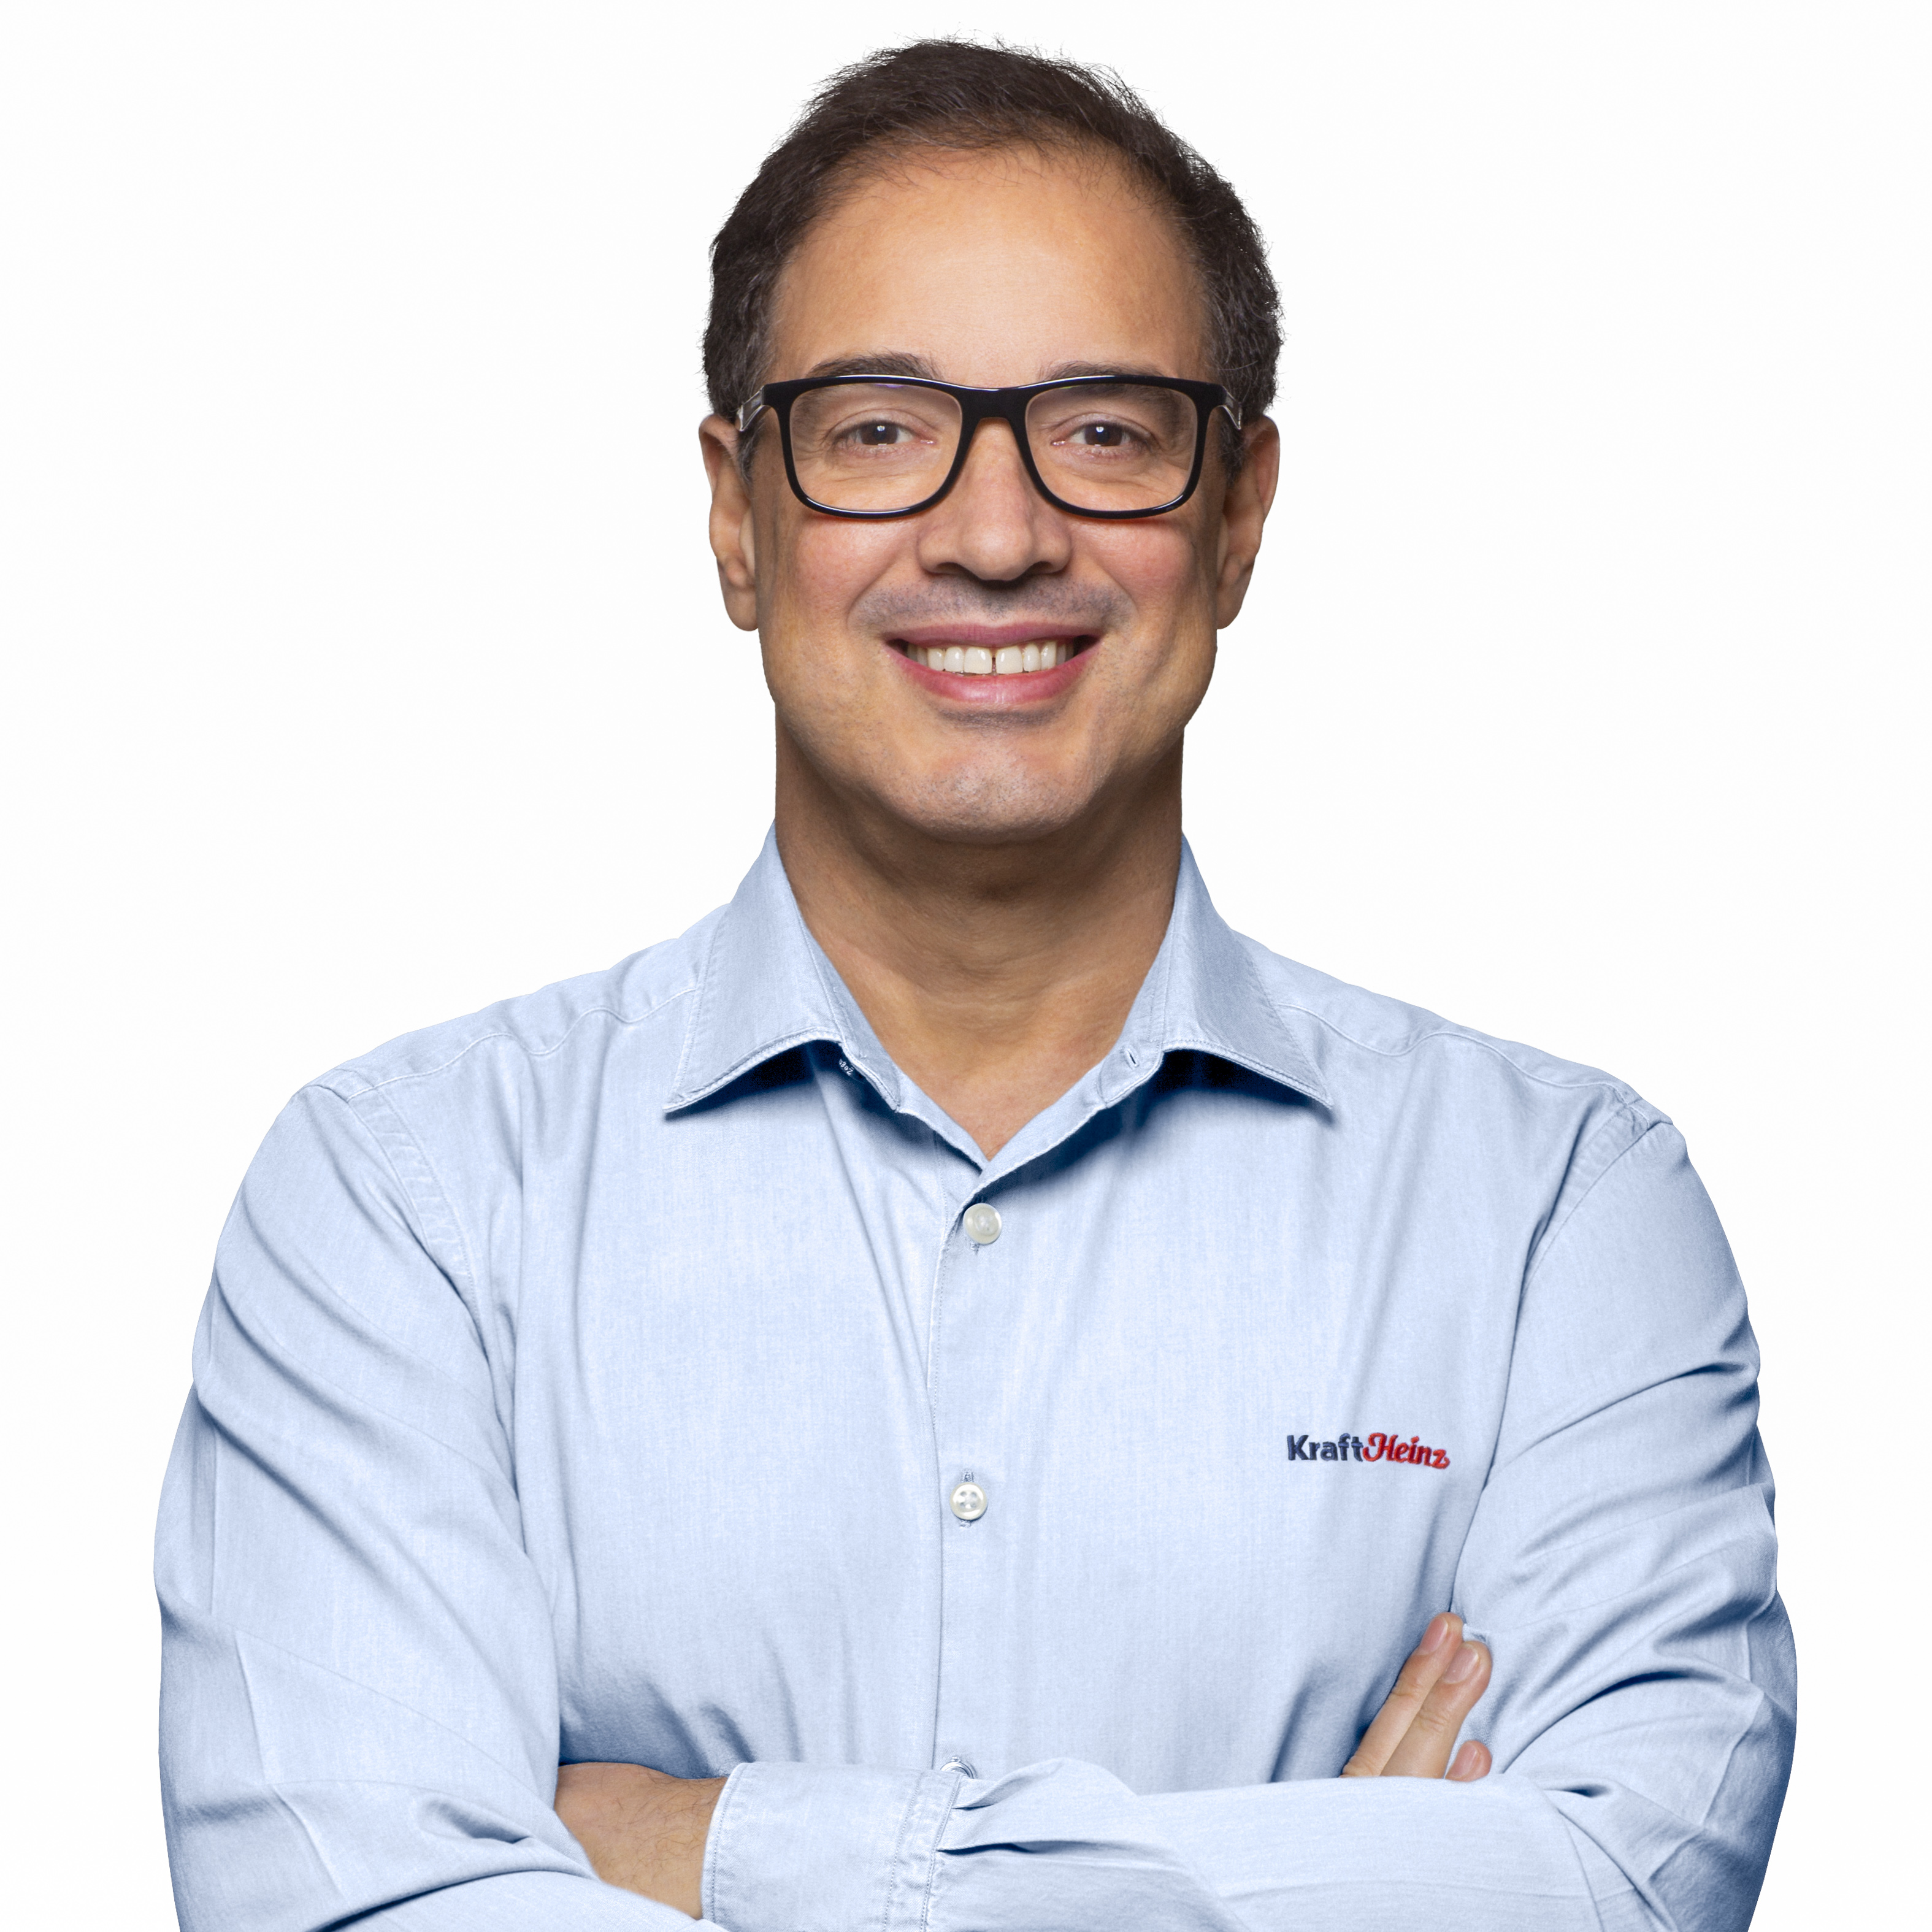 Miguel Patricio, CEO of Kraft Heinz